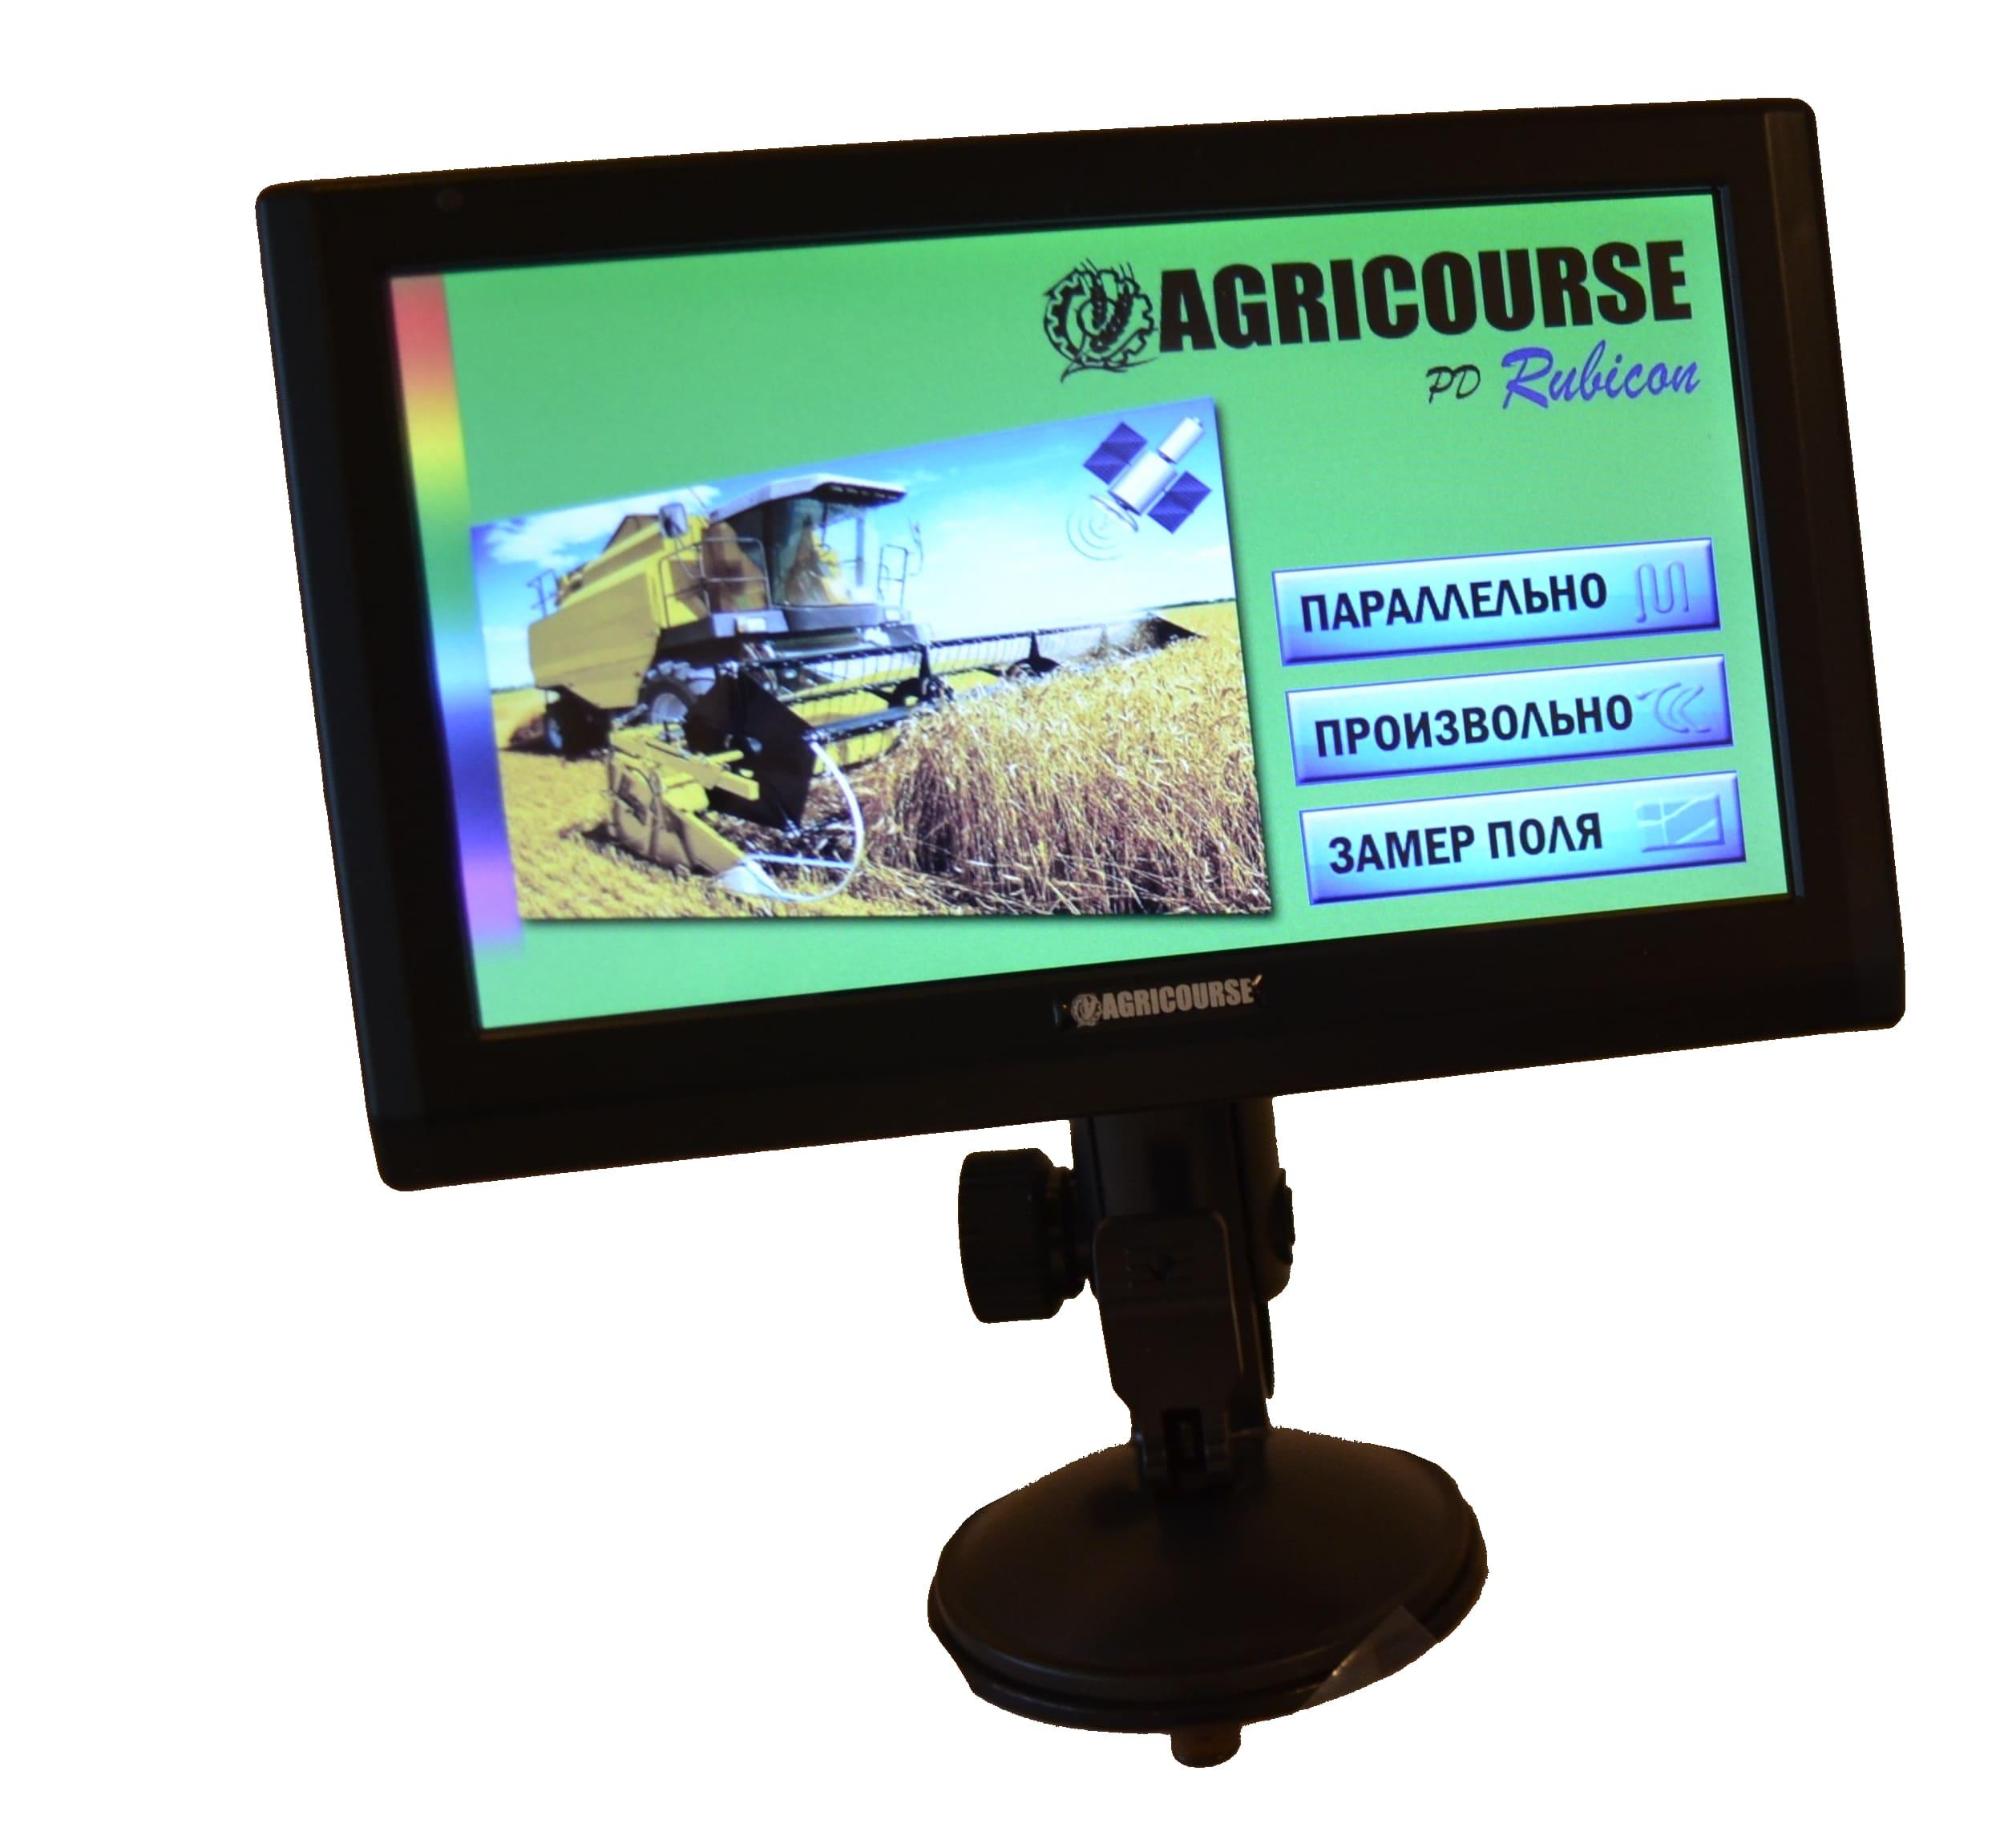 Агронавигатор для параллельного вождения, цена агронавигатора, курсоуказатель параллельного вождения, тракторный навигатор, навигатор полевой